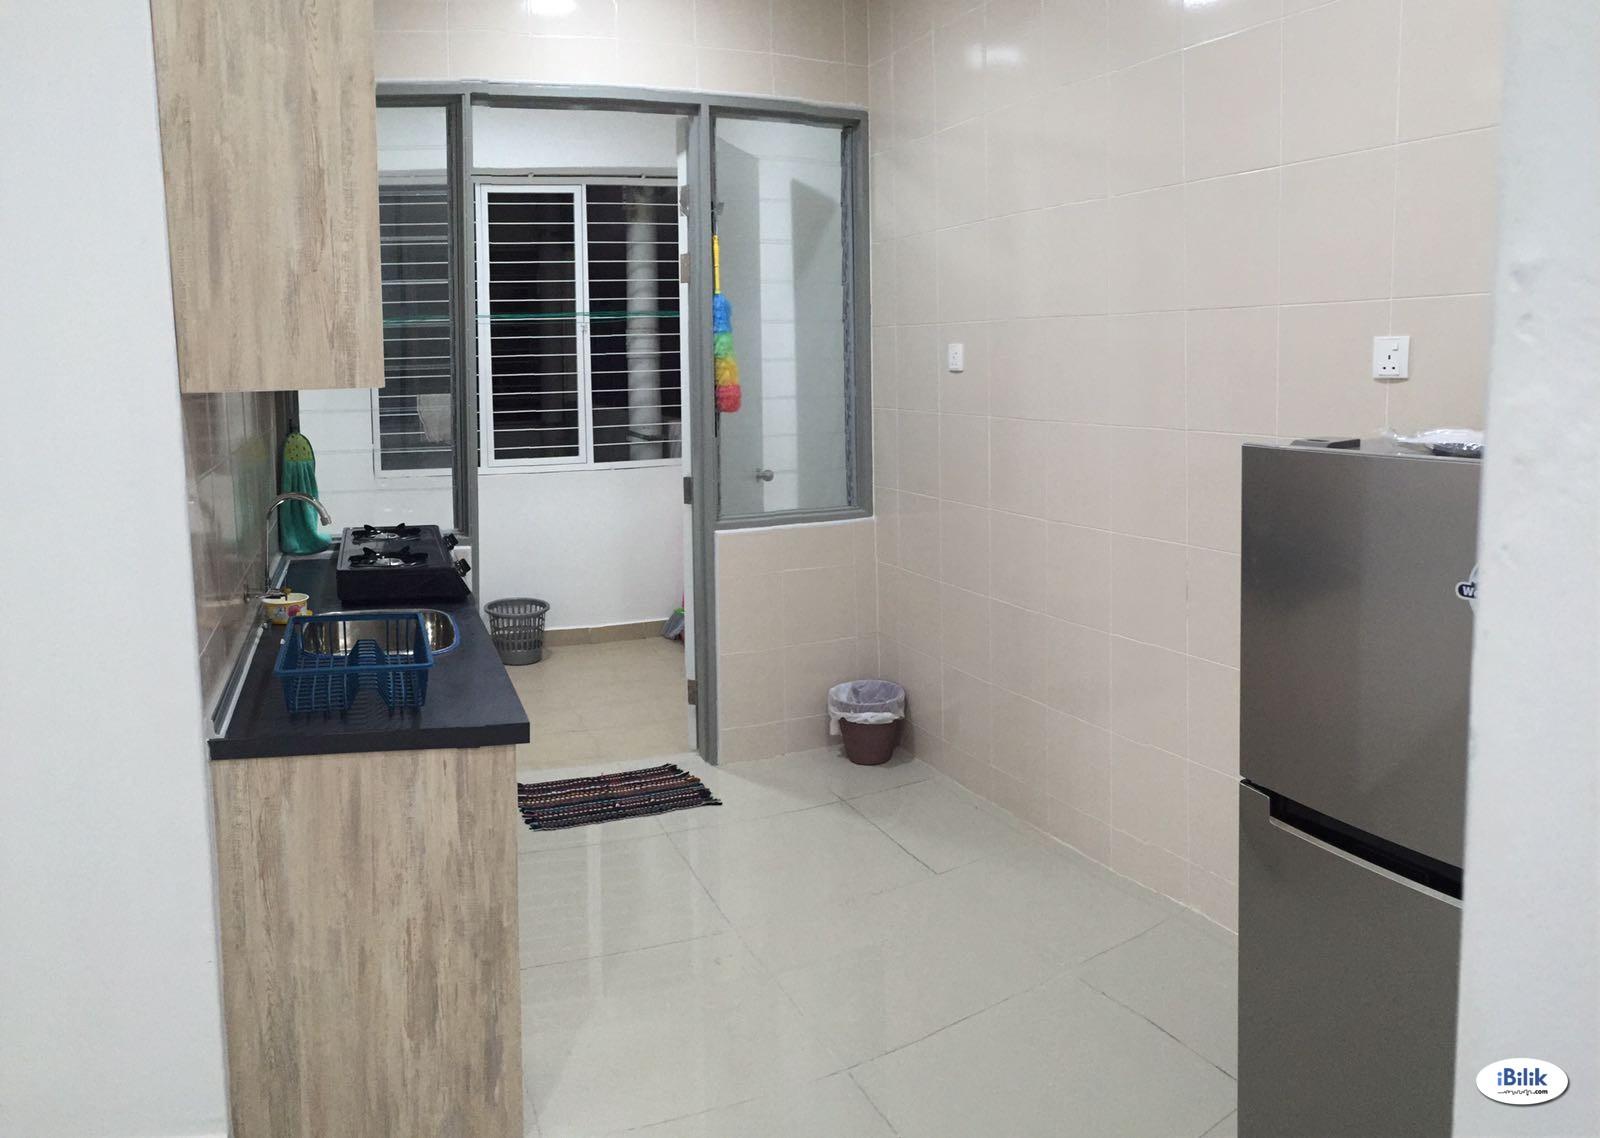 [WORTH IT] Middle Room at Rafflesia Sentul Condominium, Sentul